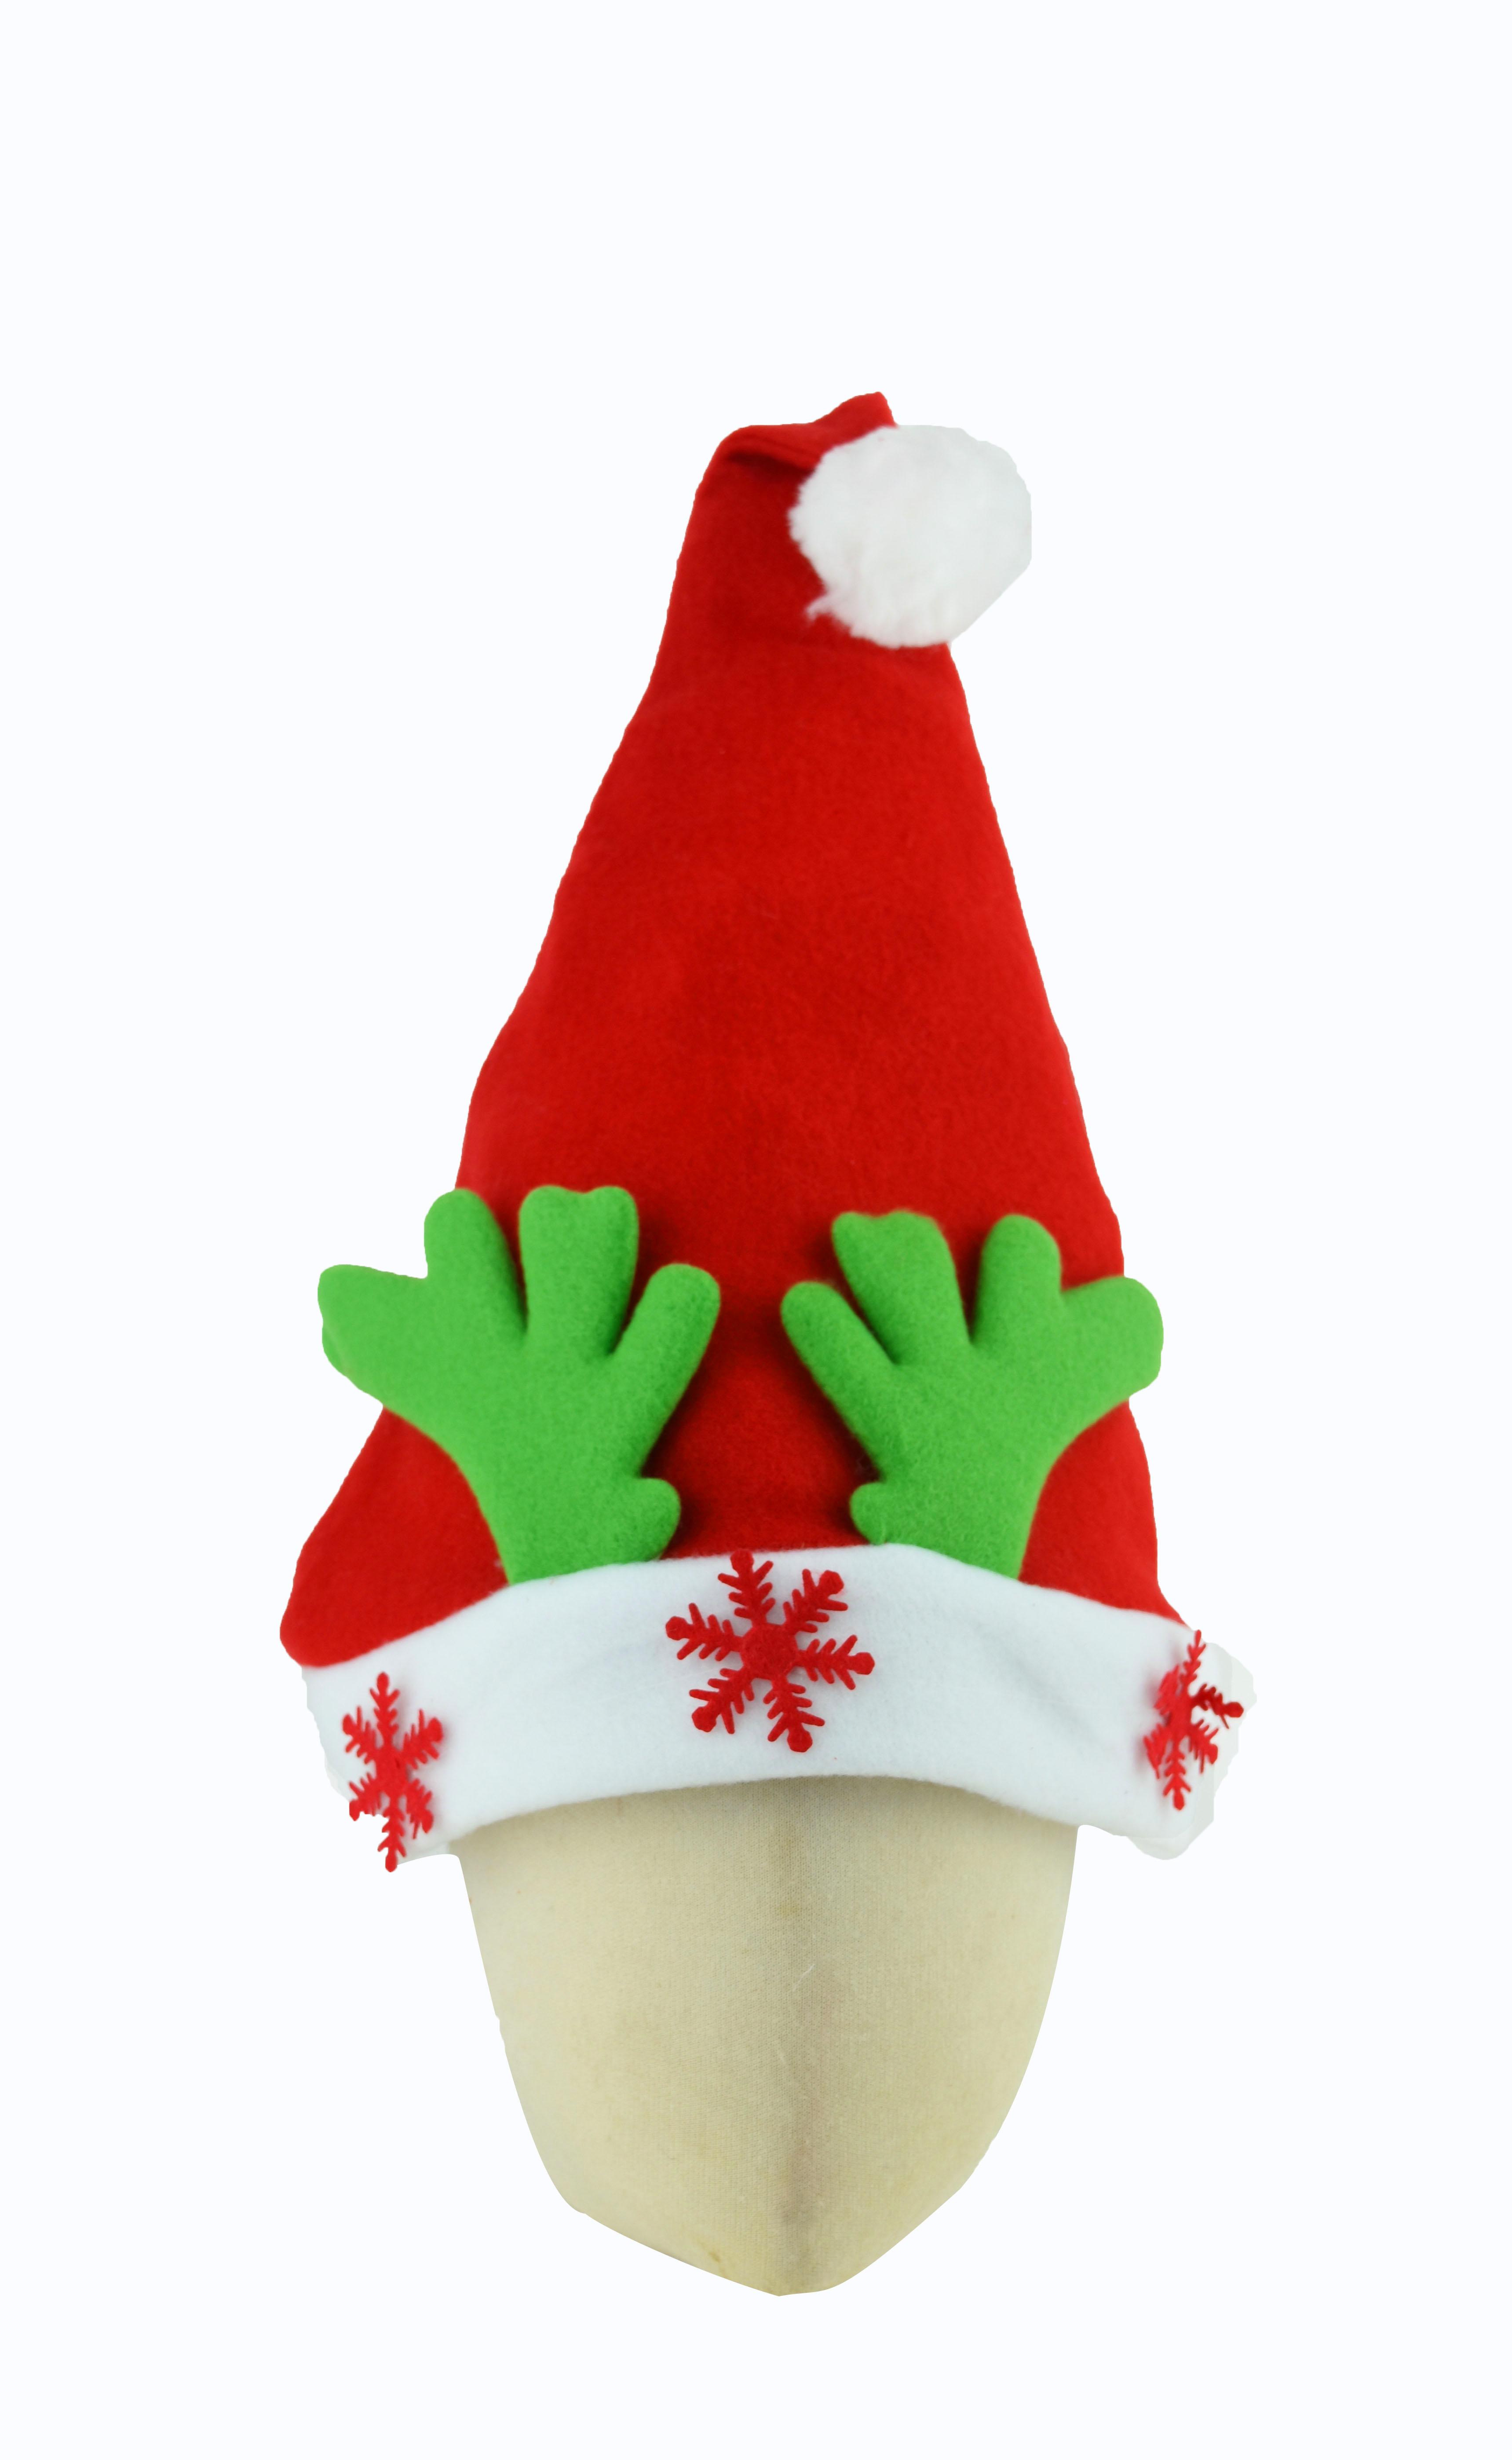 X射線【X294068】鹿角雪花裝飾聖誕帽,聖誕節/派對用品/舞會道具/cosplay/角色扮演/麋鹿/表演/情趣/園遊會/校慶